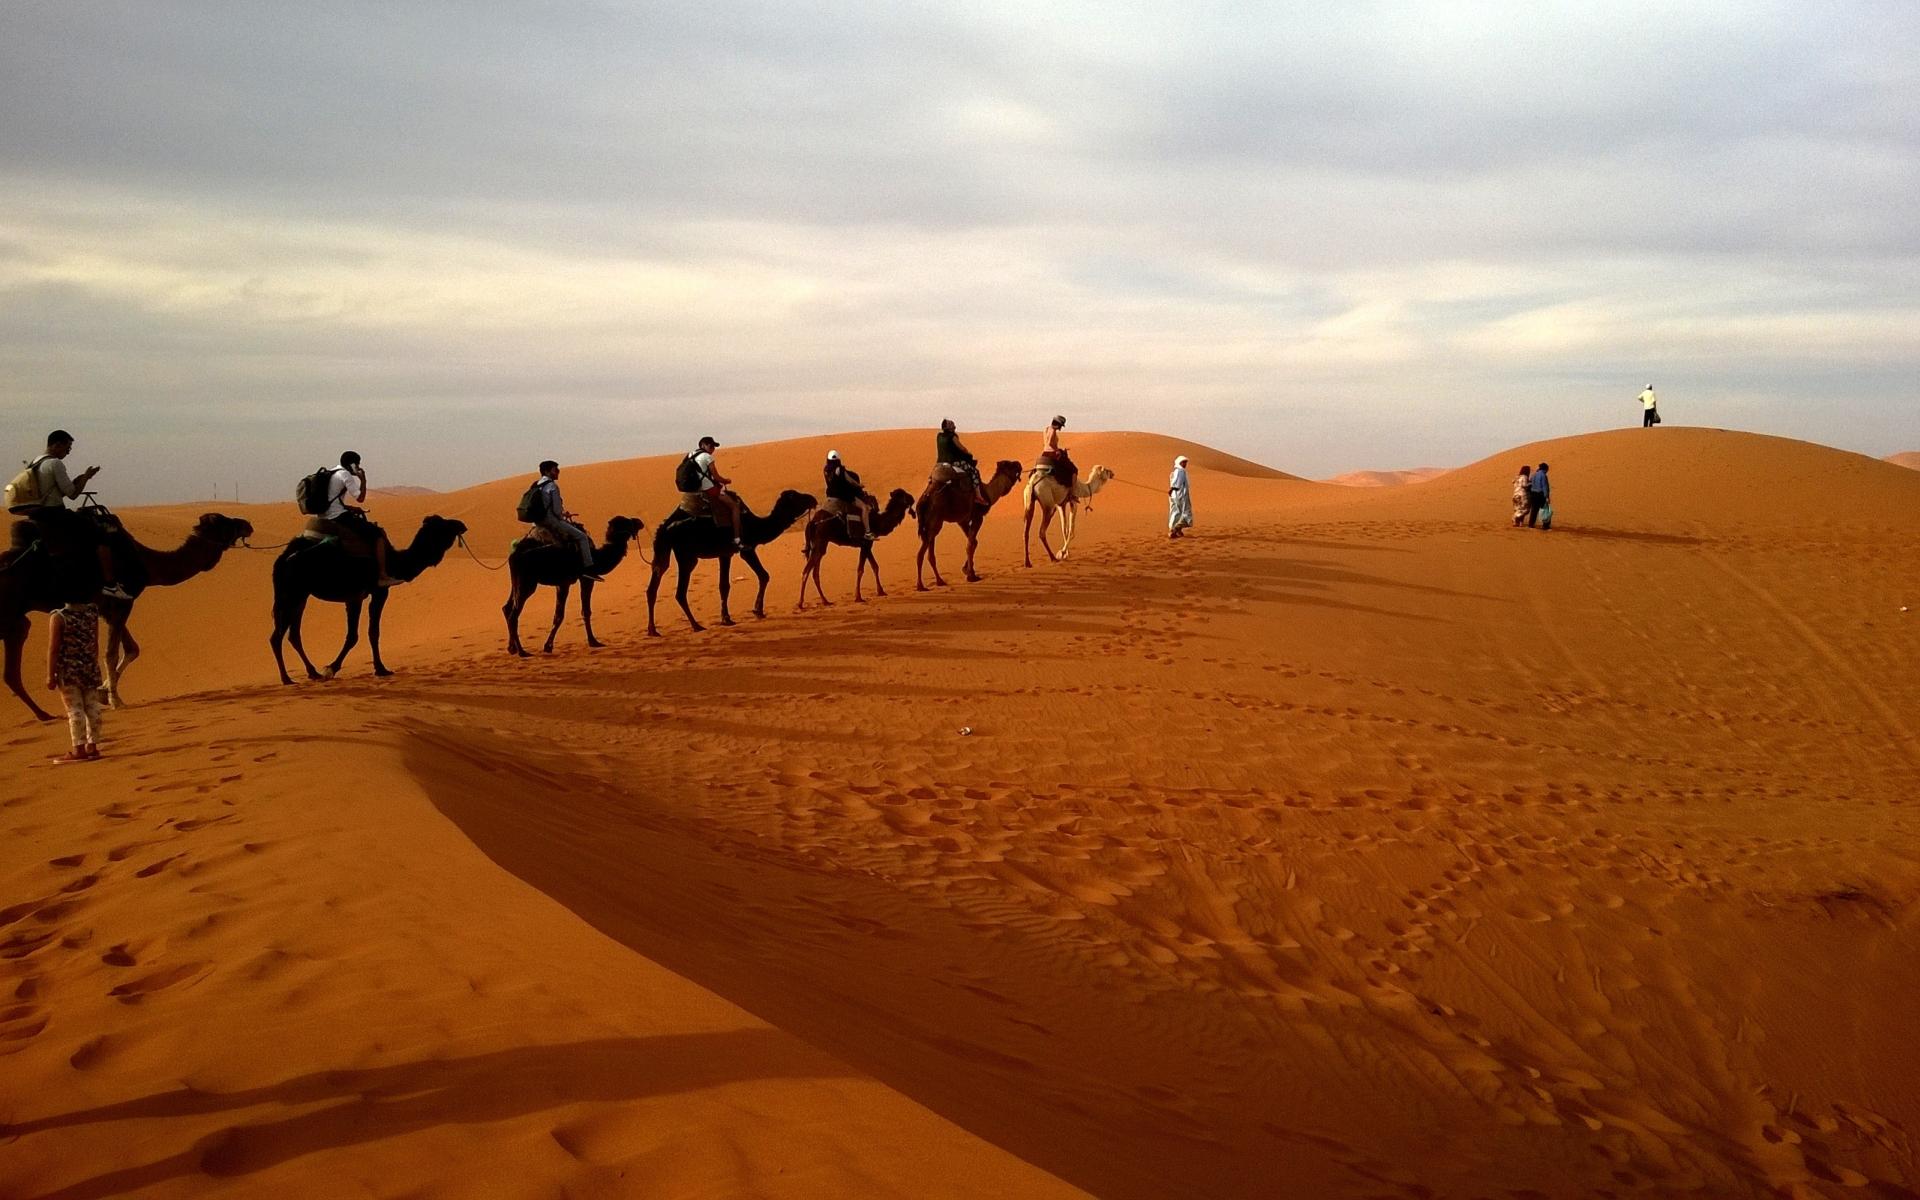 Пустыня дюны барханы караван верблюды загрузить